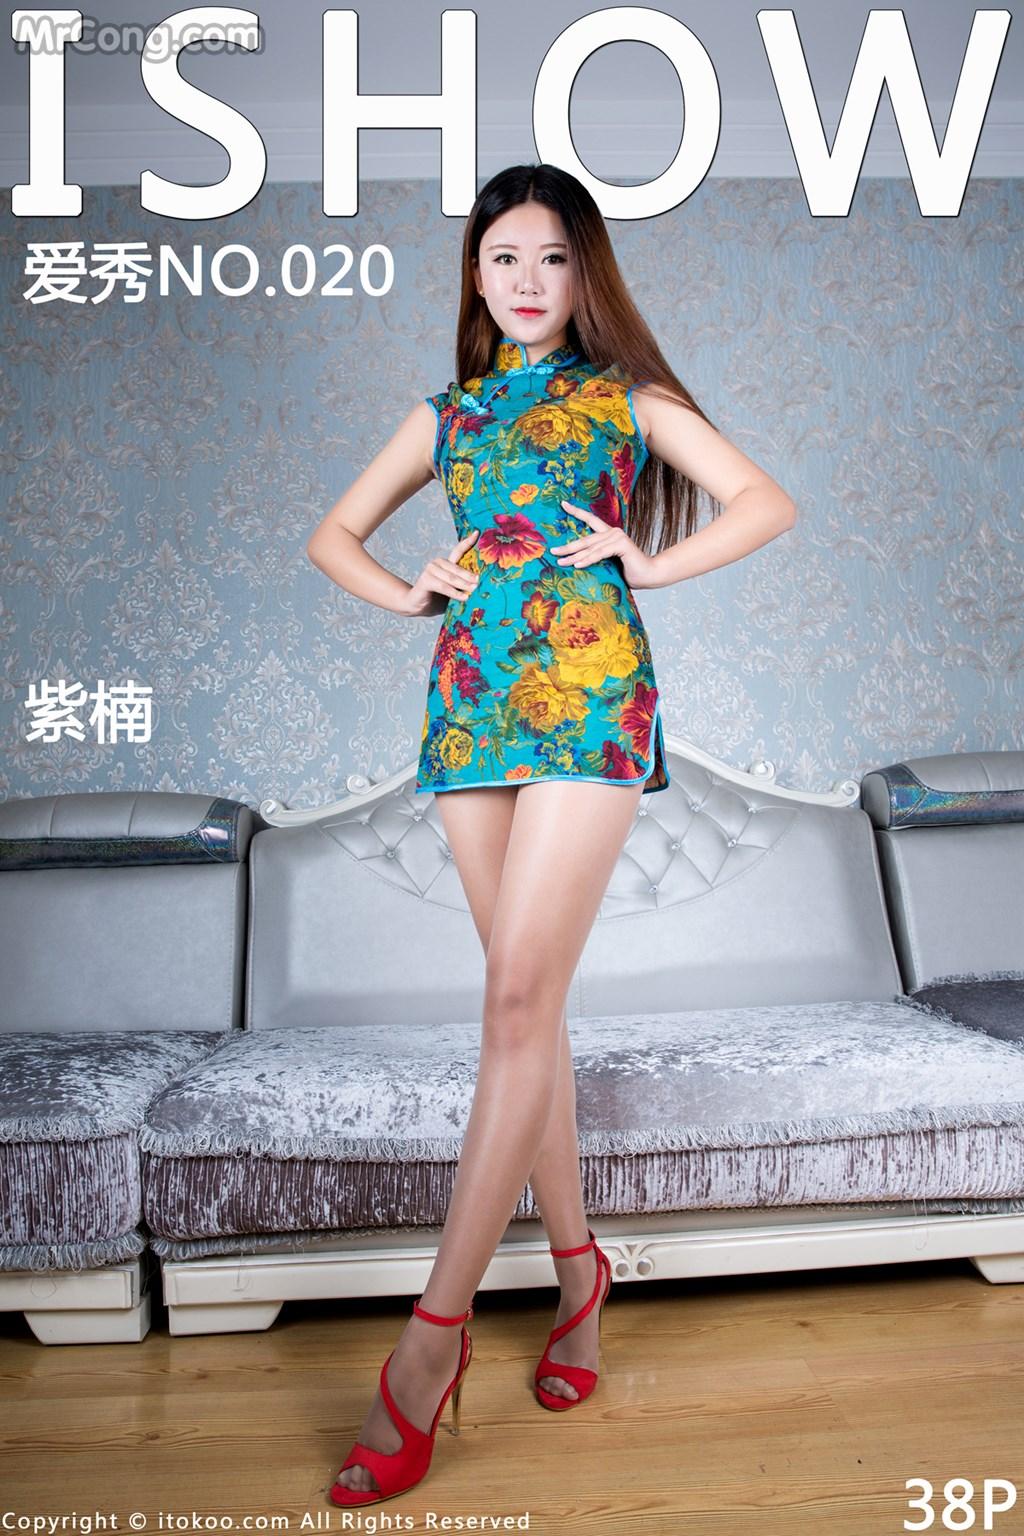 ISHOW No.020: Người mẫu Zi Nan (紫楠) (39 ảnh)